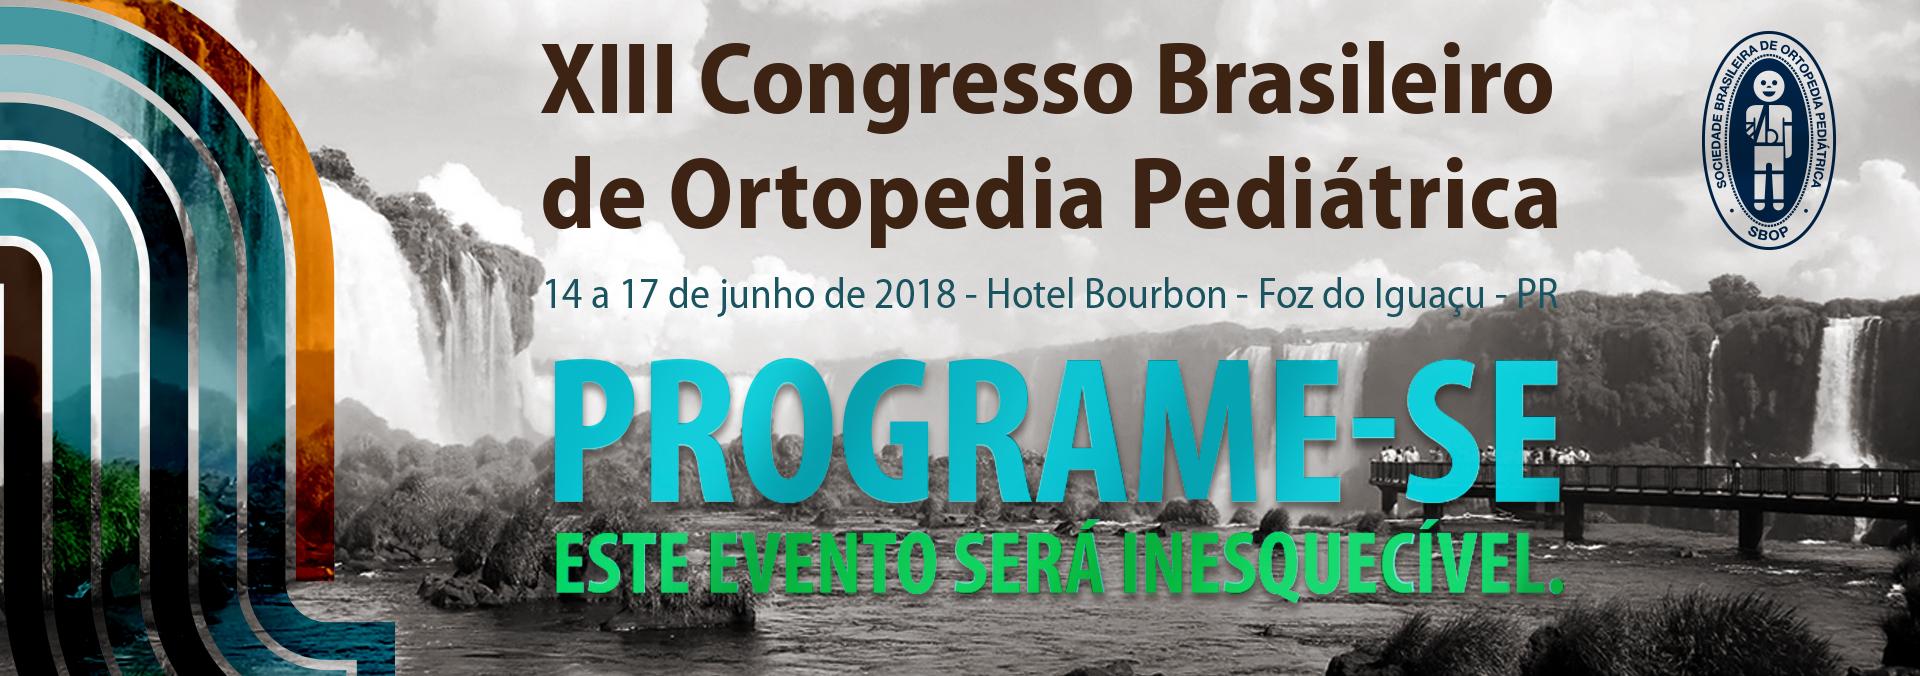 XIII Congresso Brasileiro de Ortopedia Pediátrica